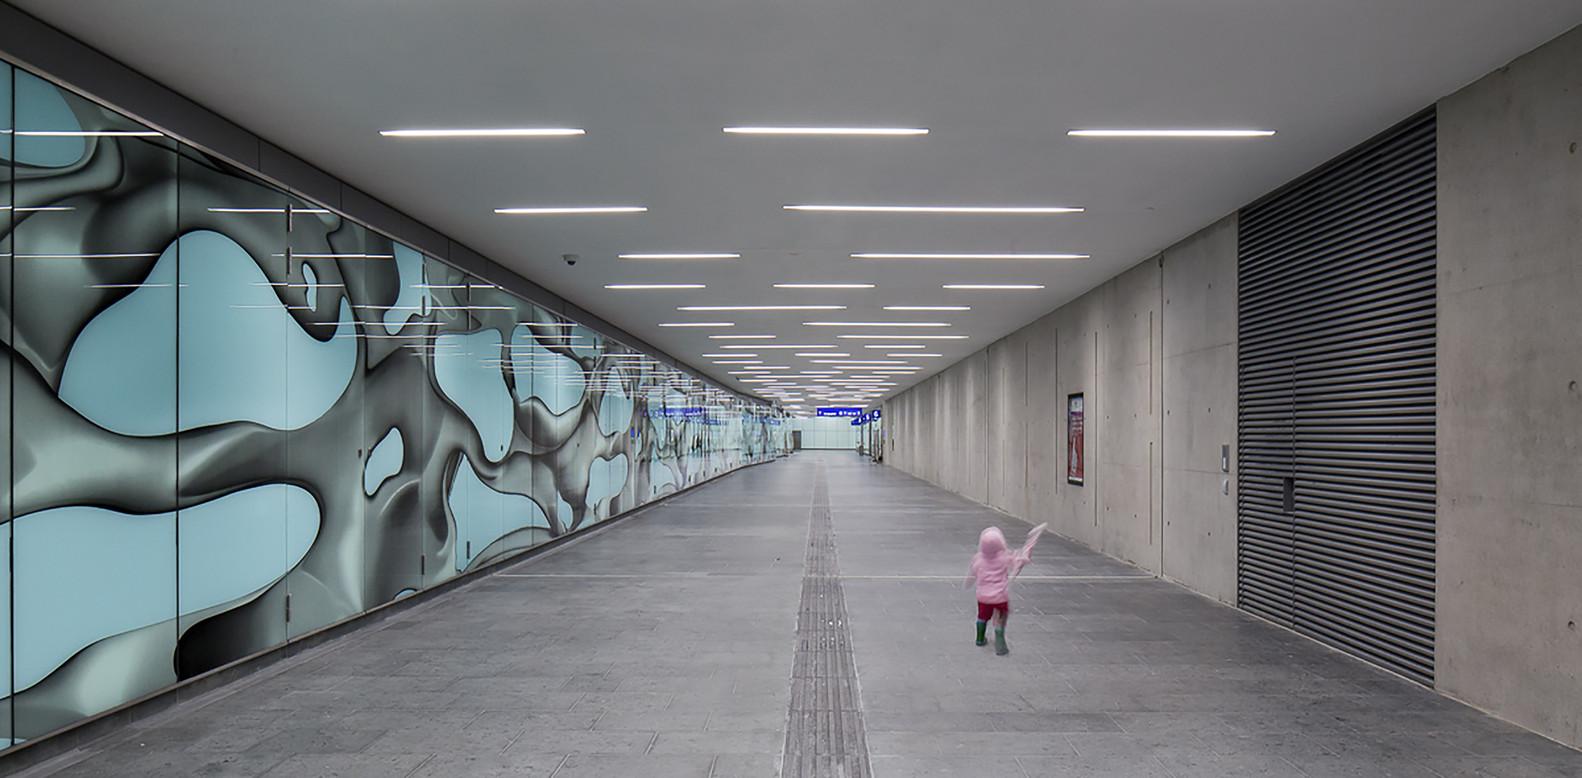 Необычная инсталляция Питера Коглера в интерьере вокзала